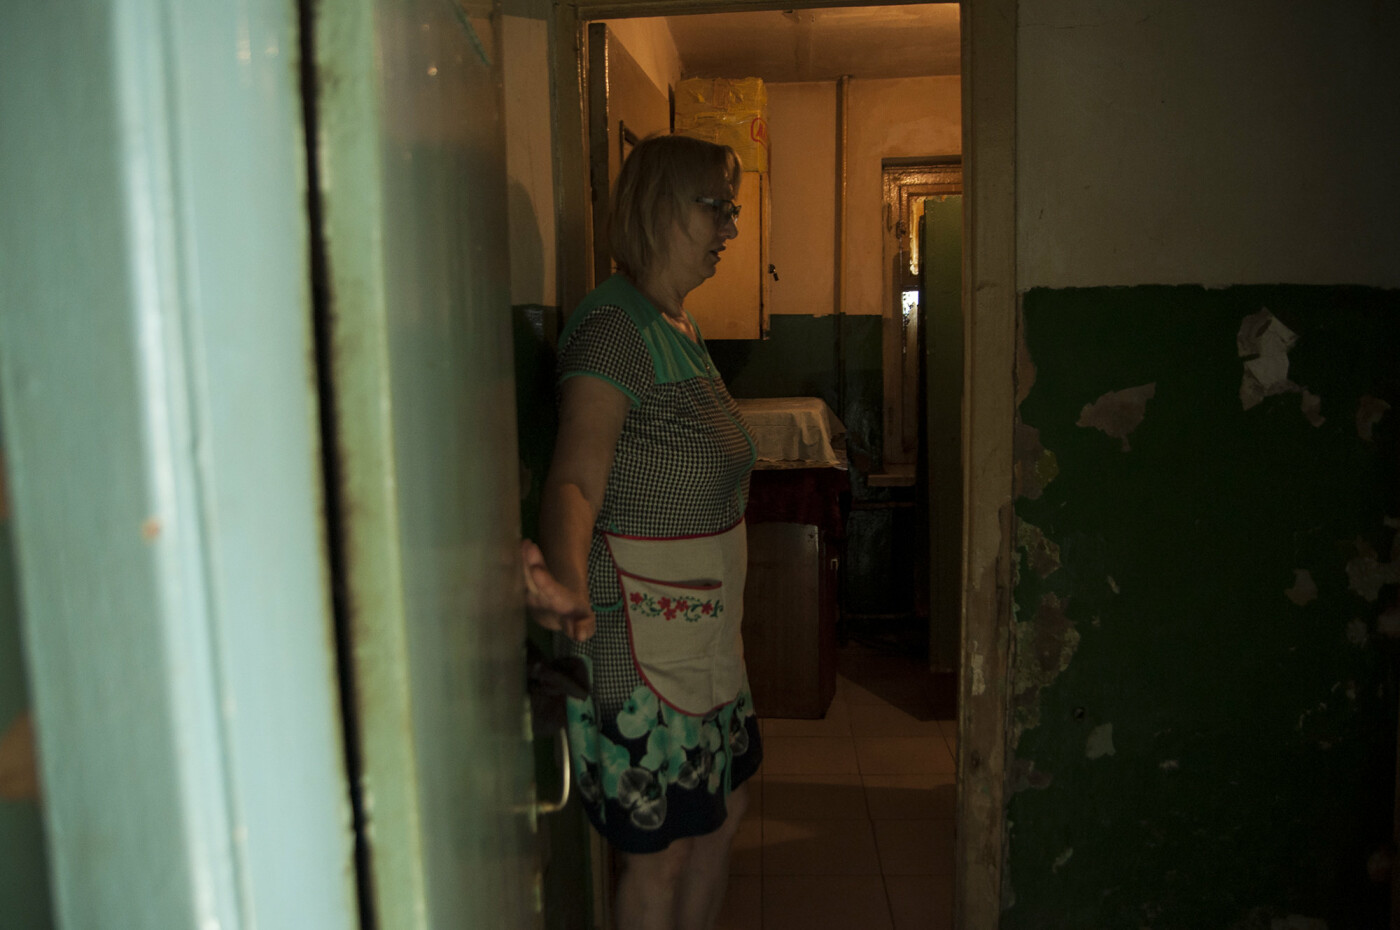 «Все, кто мог, отсюда съехали». Жильцы пятиэтажки в центре Белгорода пожаловались на ужасные условия проживания, фото-4